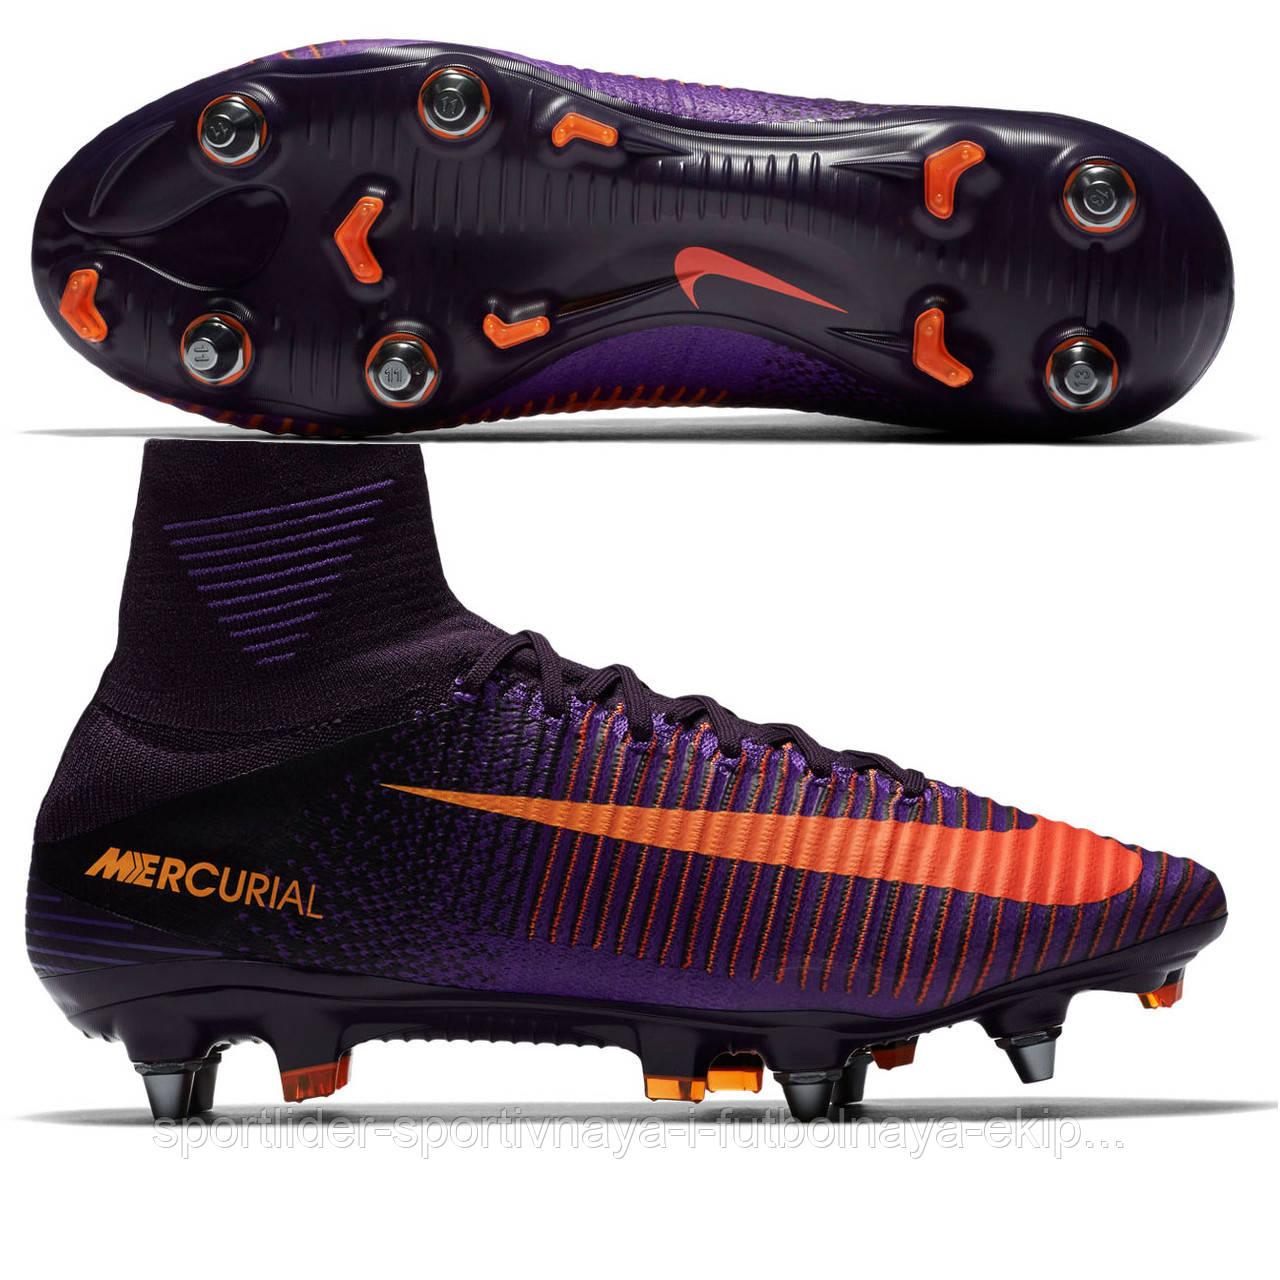 f9c6299cc219 Бутсы футбольные Nike Mercurial Superfly V SG-PRO 831956-585 - Спортлидер›  спортивная